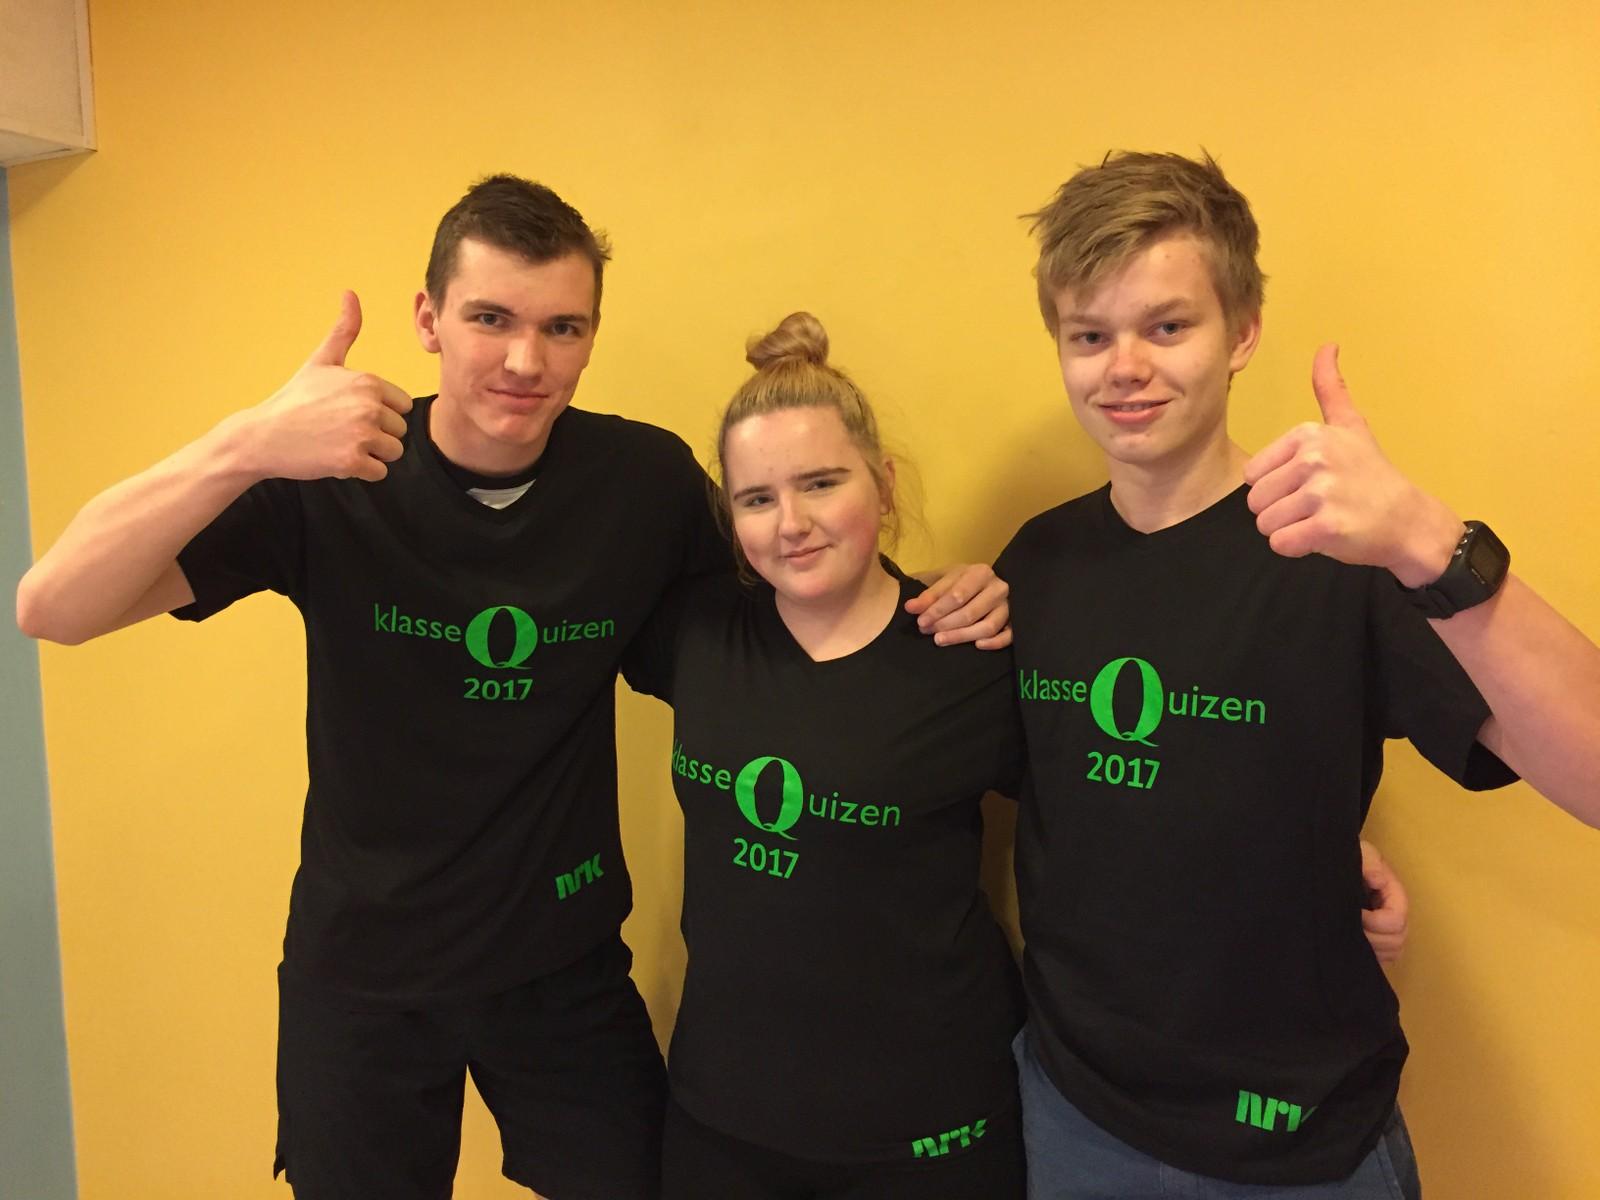 Jakob Almelid, Malin Jøråsen og Olger Johannes Fosse Ramstad fra Sør-Fron ungdomskole fikk fire rette.